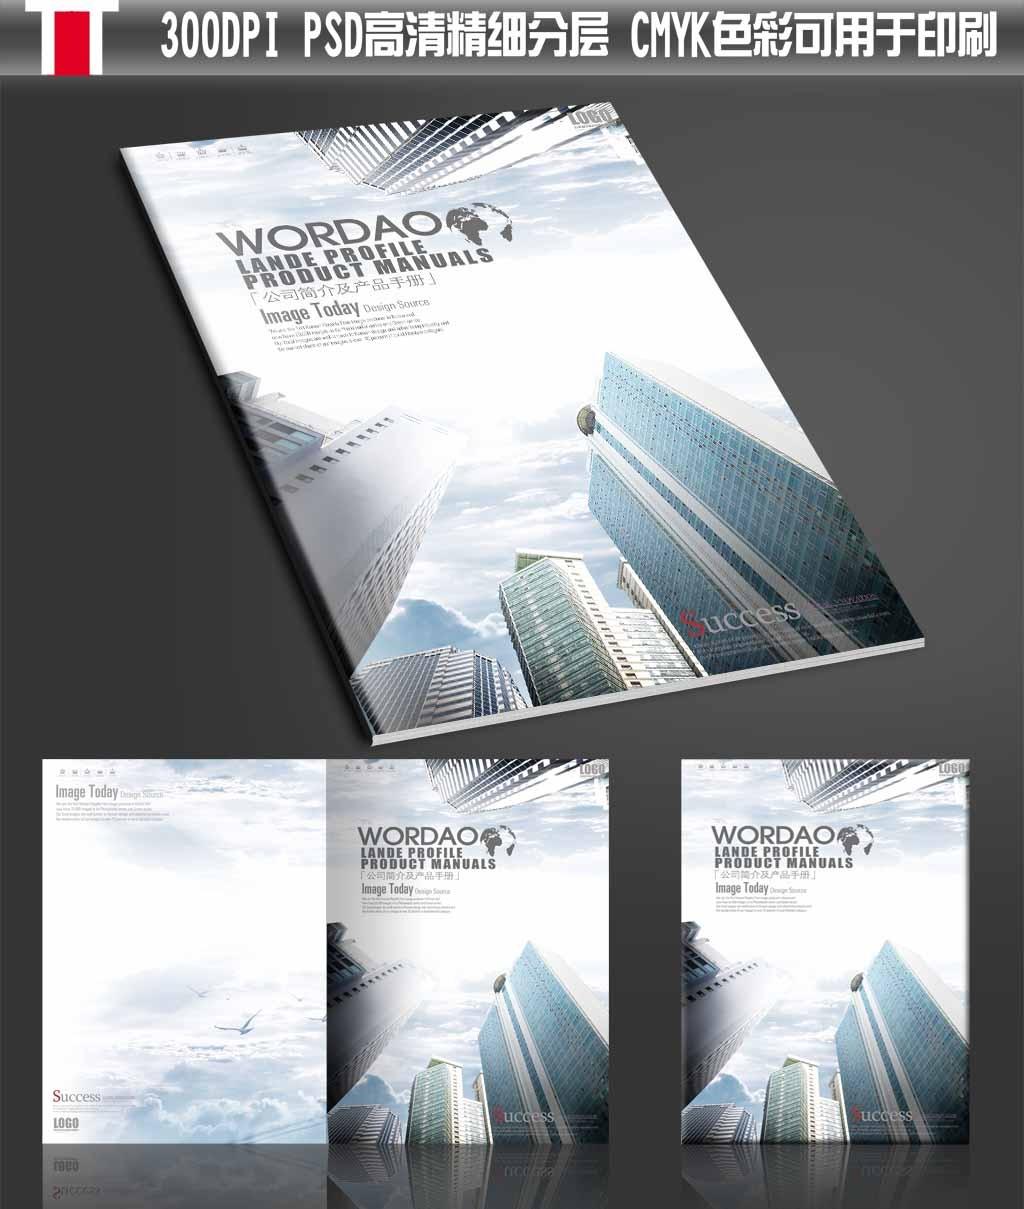 封面模板 企业画册 商务画册 集团画册 房地产画册 城市建筑 蓝色